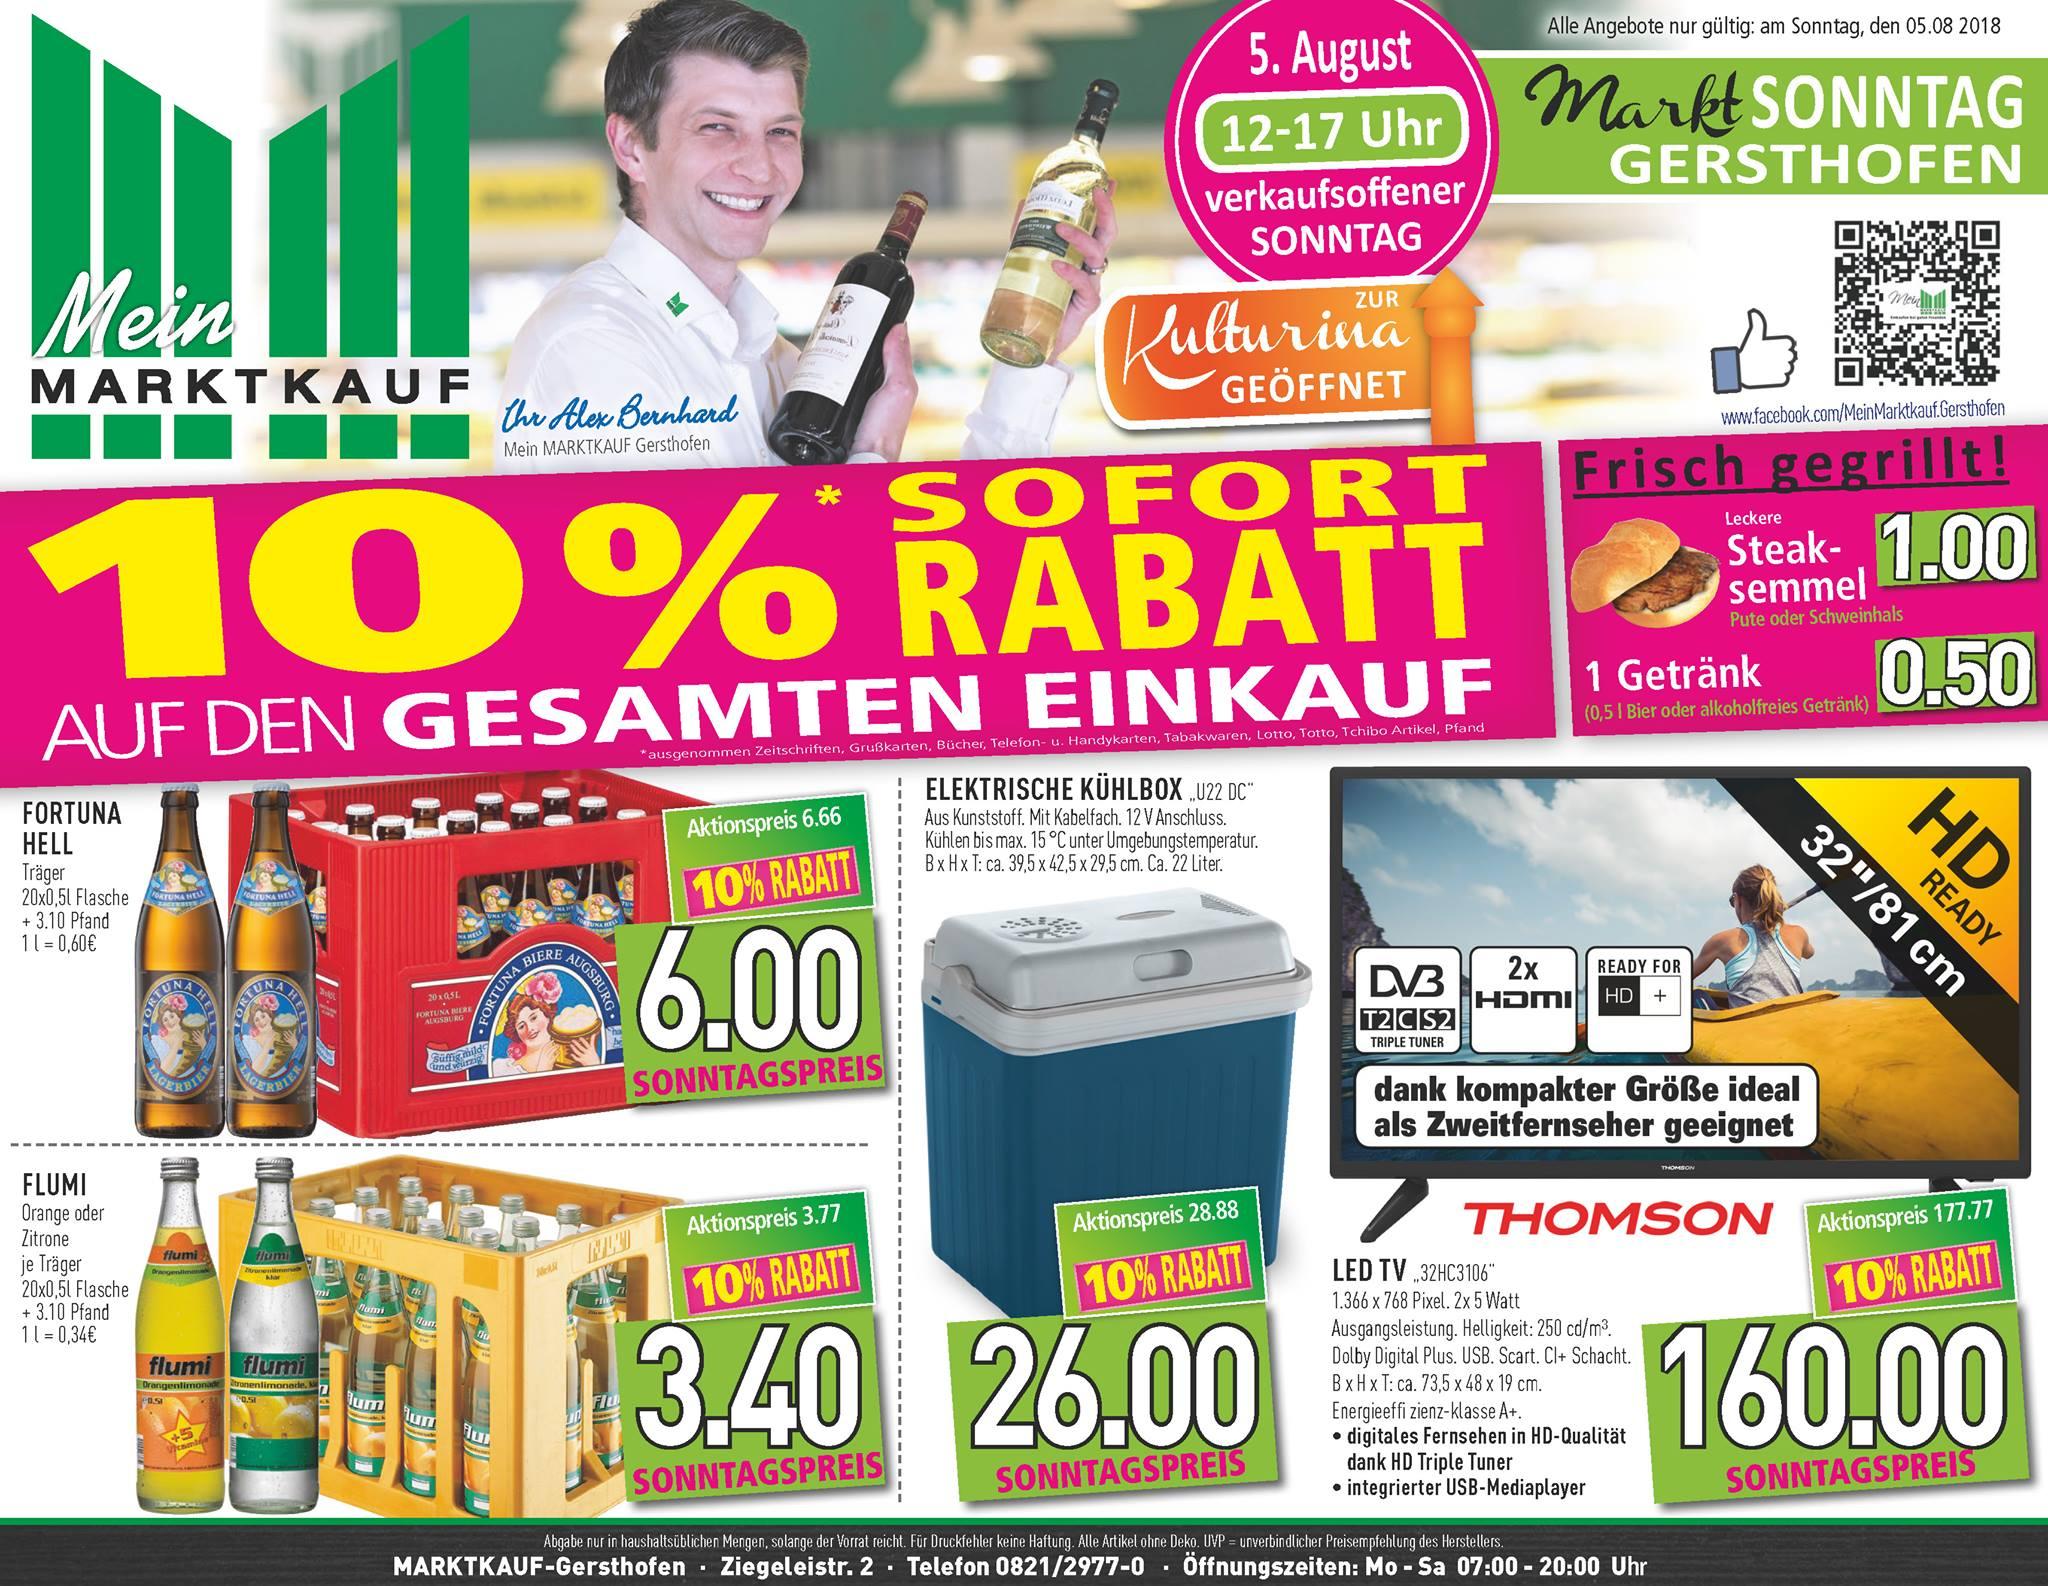 [lokal] Marktkauf Gersthofen 10% auf alles zum verkaufsoffenen Sonntag